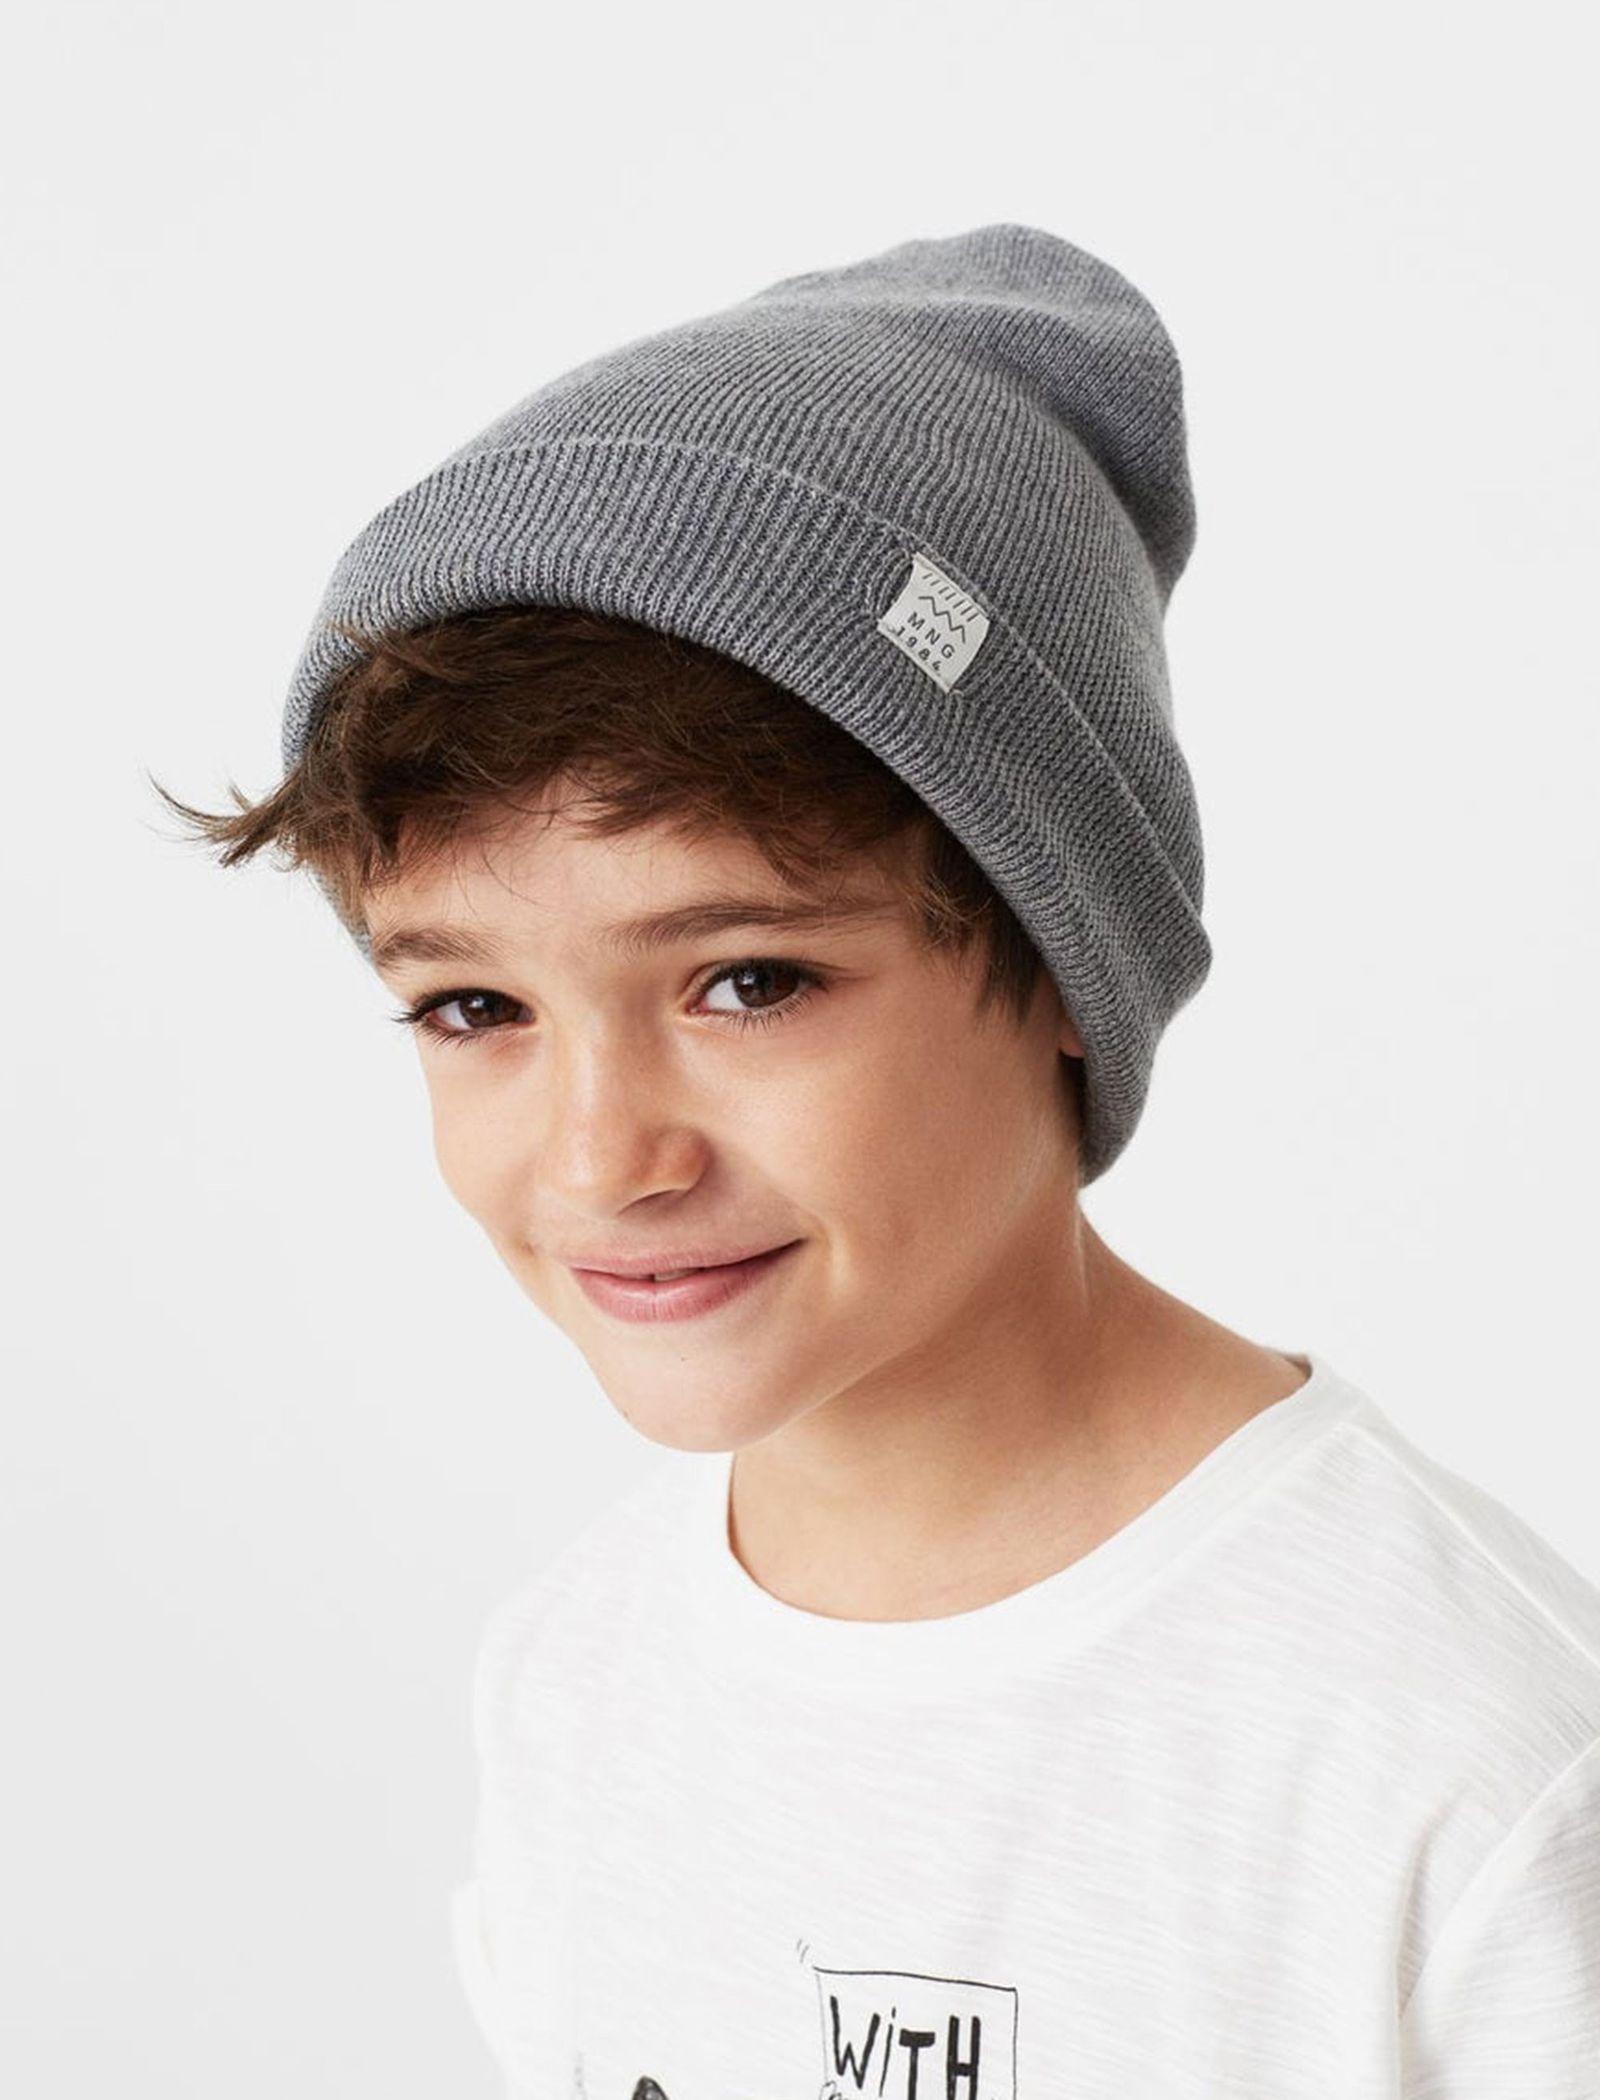 کلاه بافتنی پسرانه - مانگو - طوسي - 2